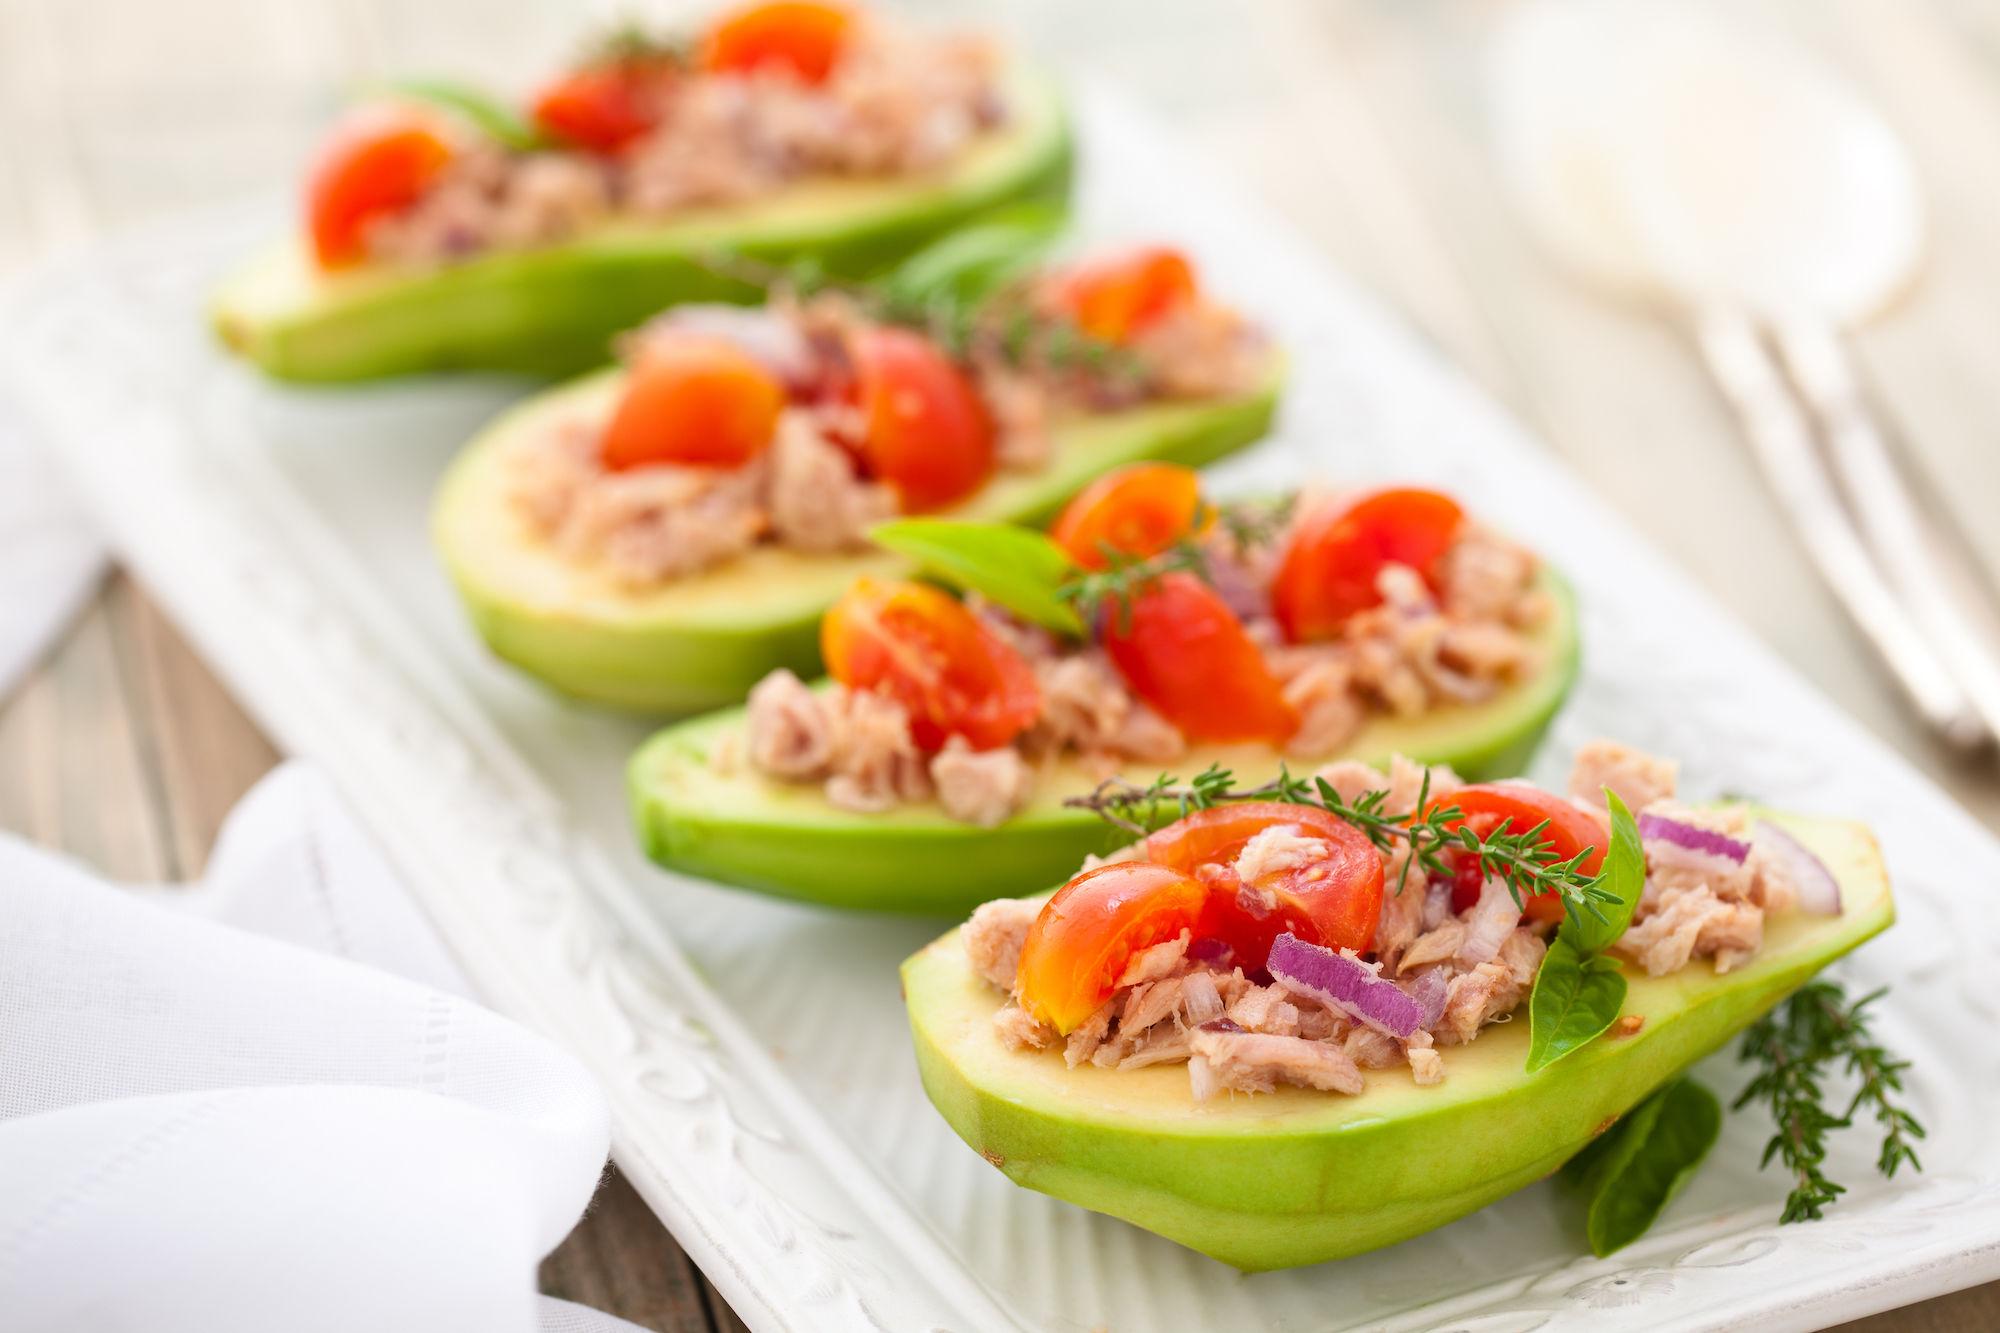 Avokádo s tuňákem, červenou cibulí a rajčaty - protizánětlivá strava